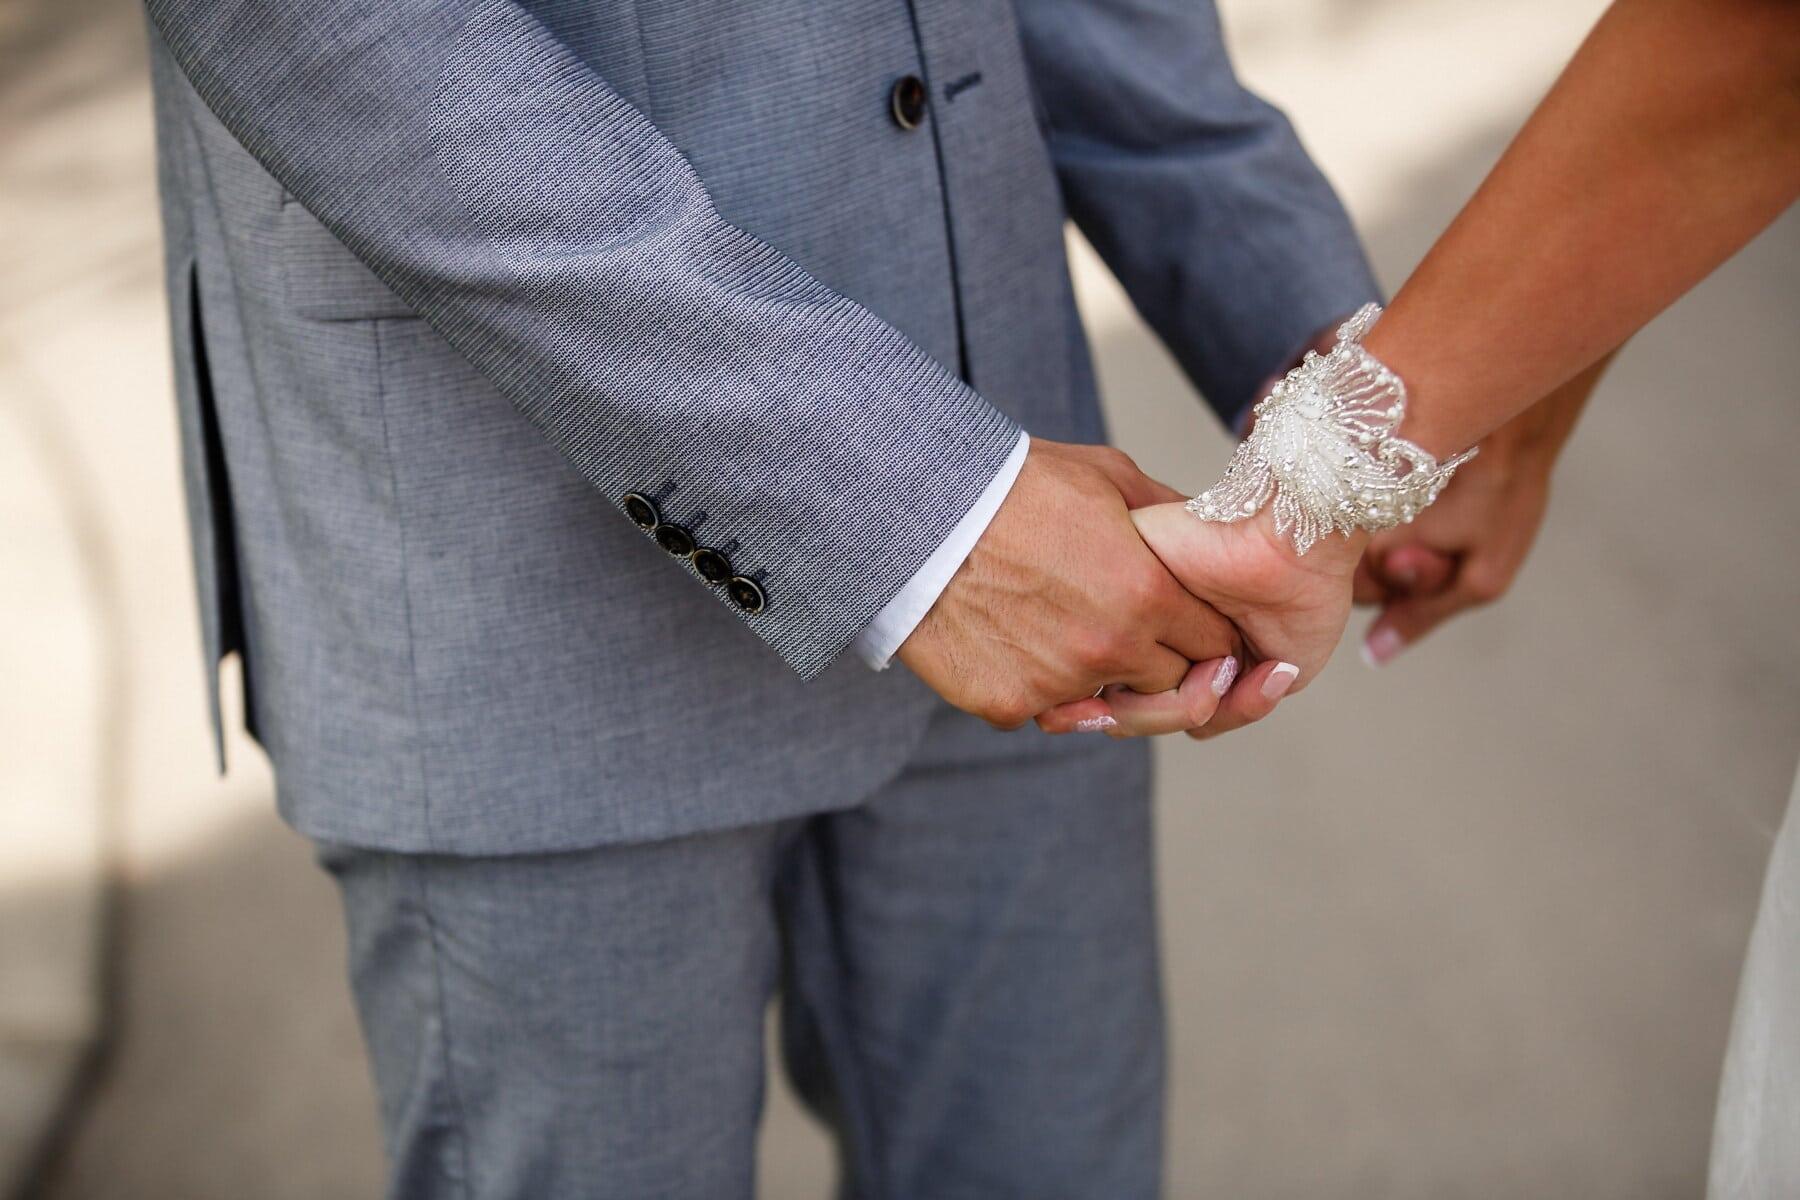 Mann, Frau, Hände, Händchen halten, Valentinstag, Arm, Beziehung, Anzug, Kleidung, Partnerschaft